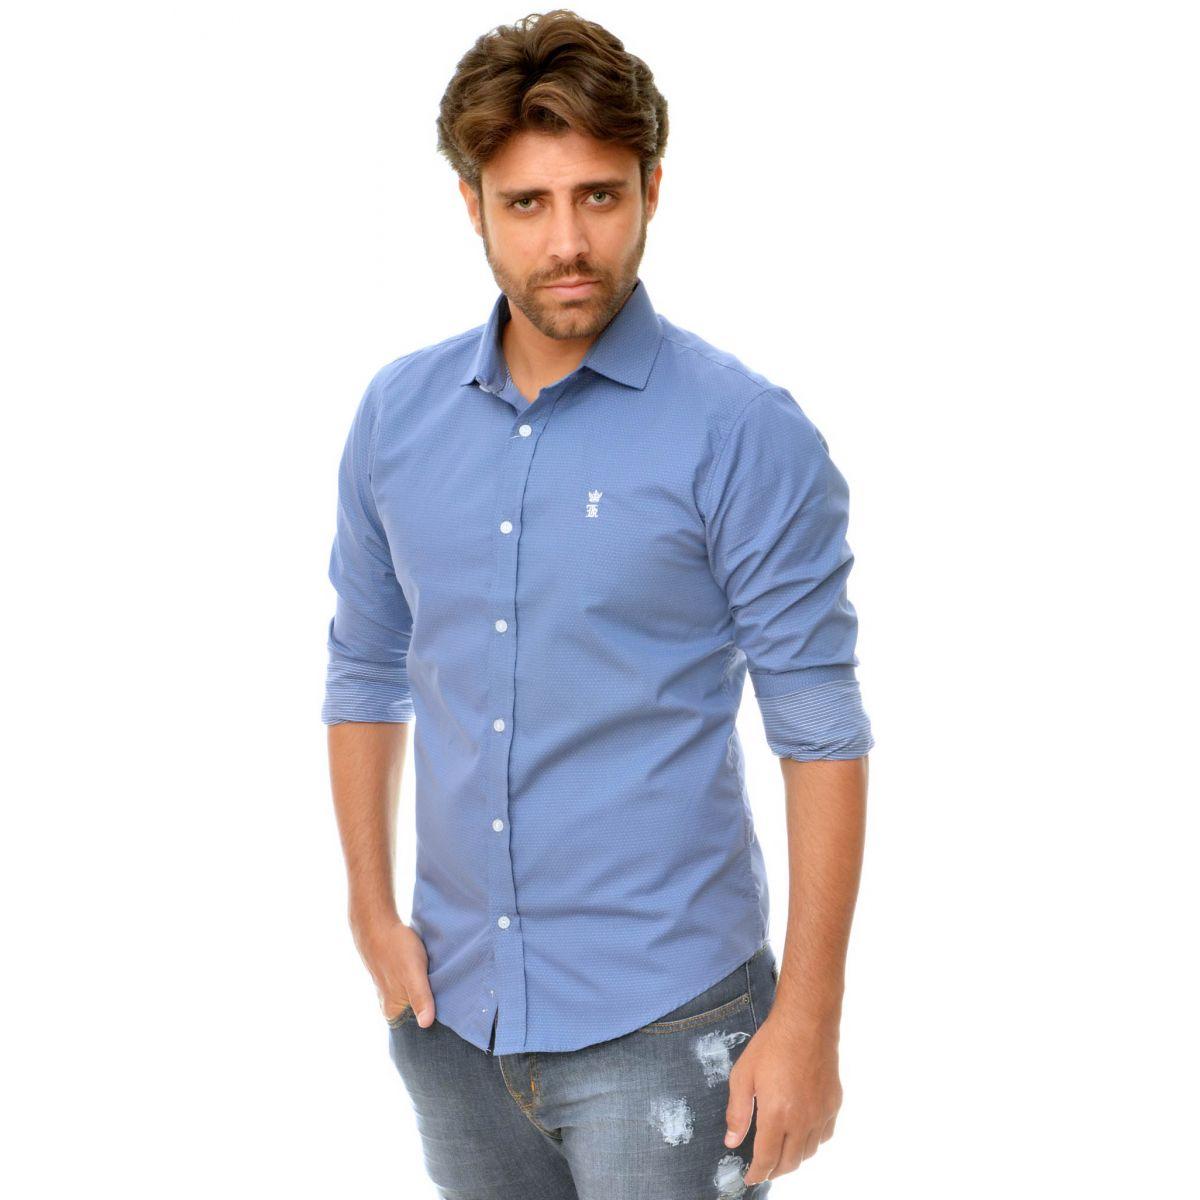 Camisa Social Poá  Azul Claro   - Ca Brasileira